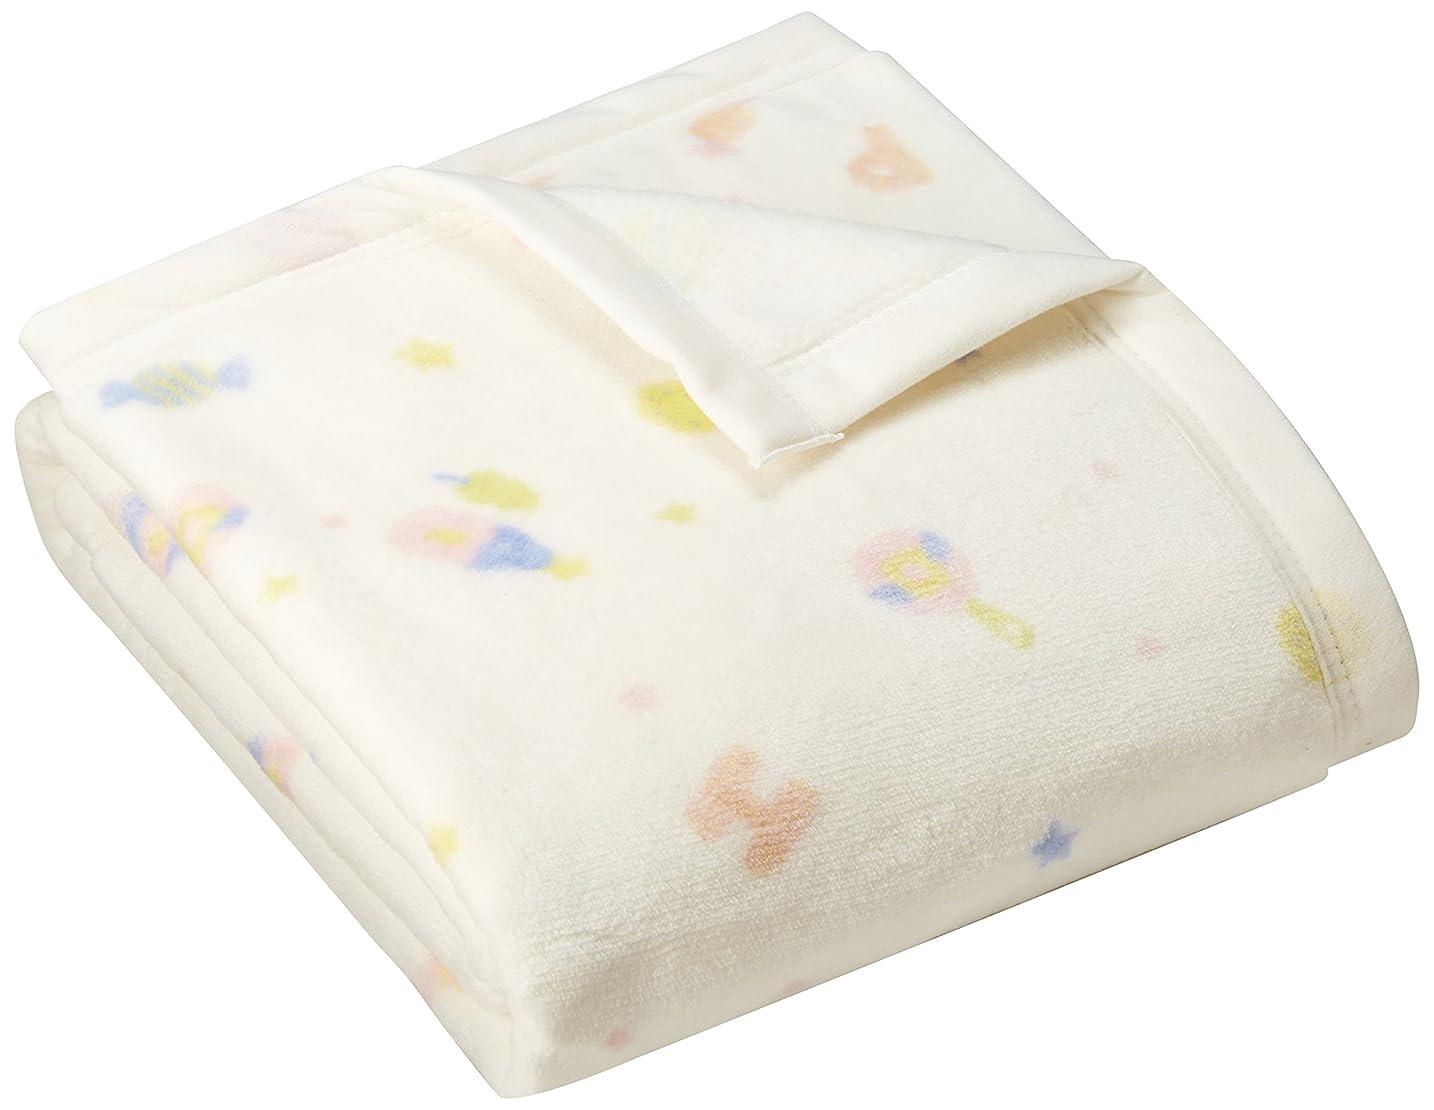 北へ夜明け汚れる京都西川 Kyoto-nishikawa RoseBaby マイヤー織り 綿毛布 (毛羽部分) おもちゃ柄 日本製 洗える クリーム 85×115cm